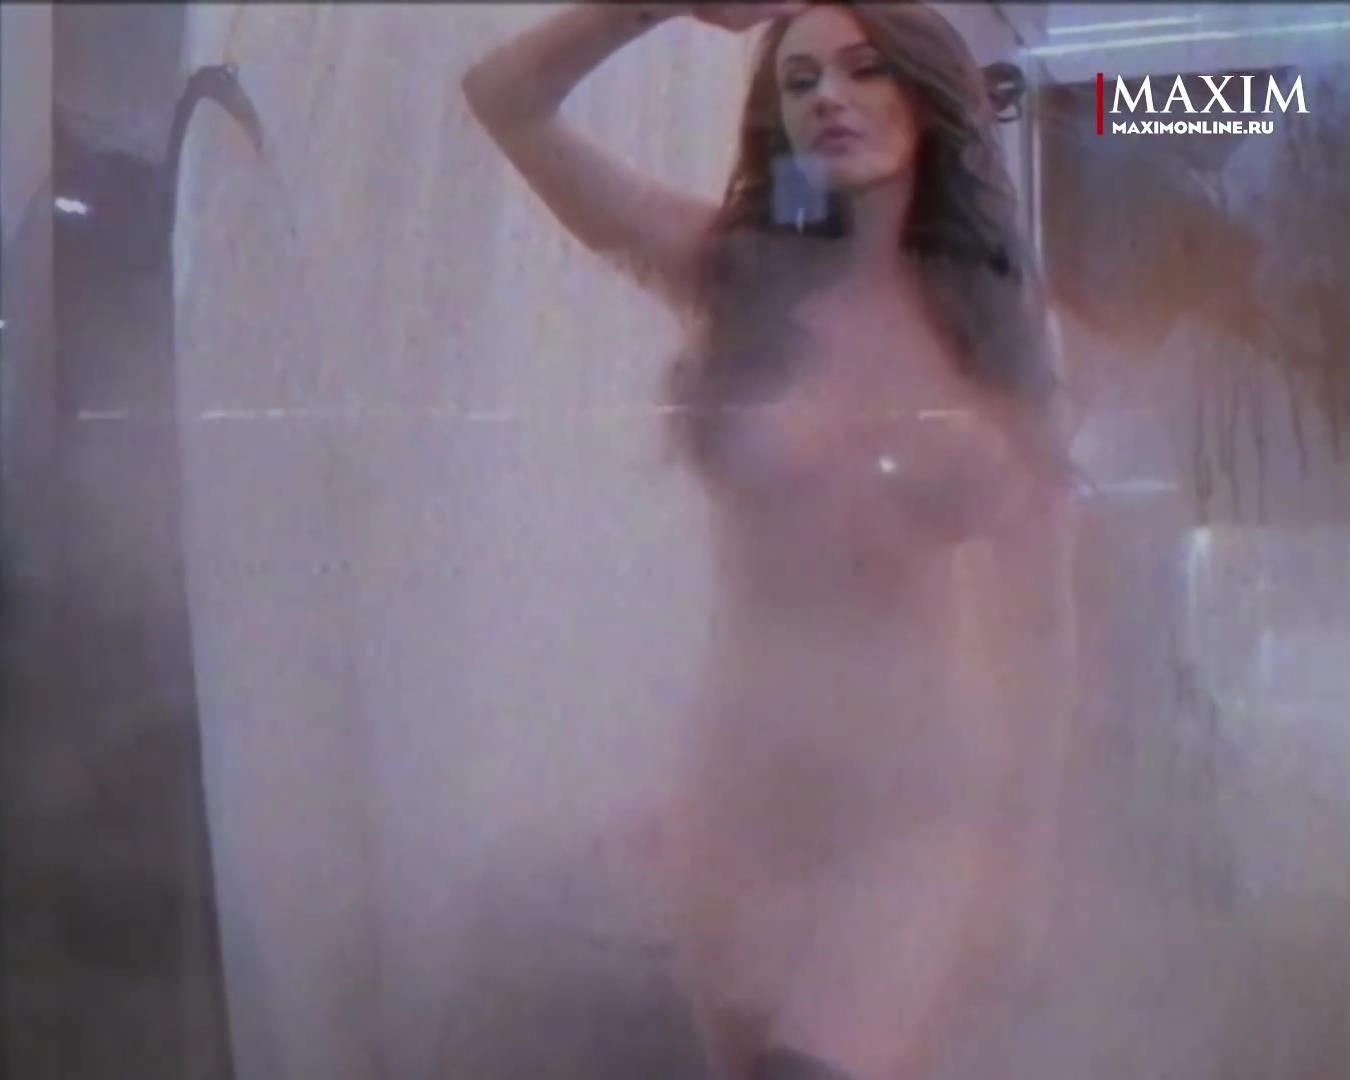 Порнуха с аленай водонаевой, Русское порно: порно с Алёной Водонаевой 22 фотография